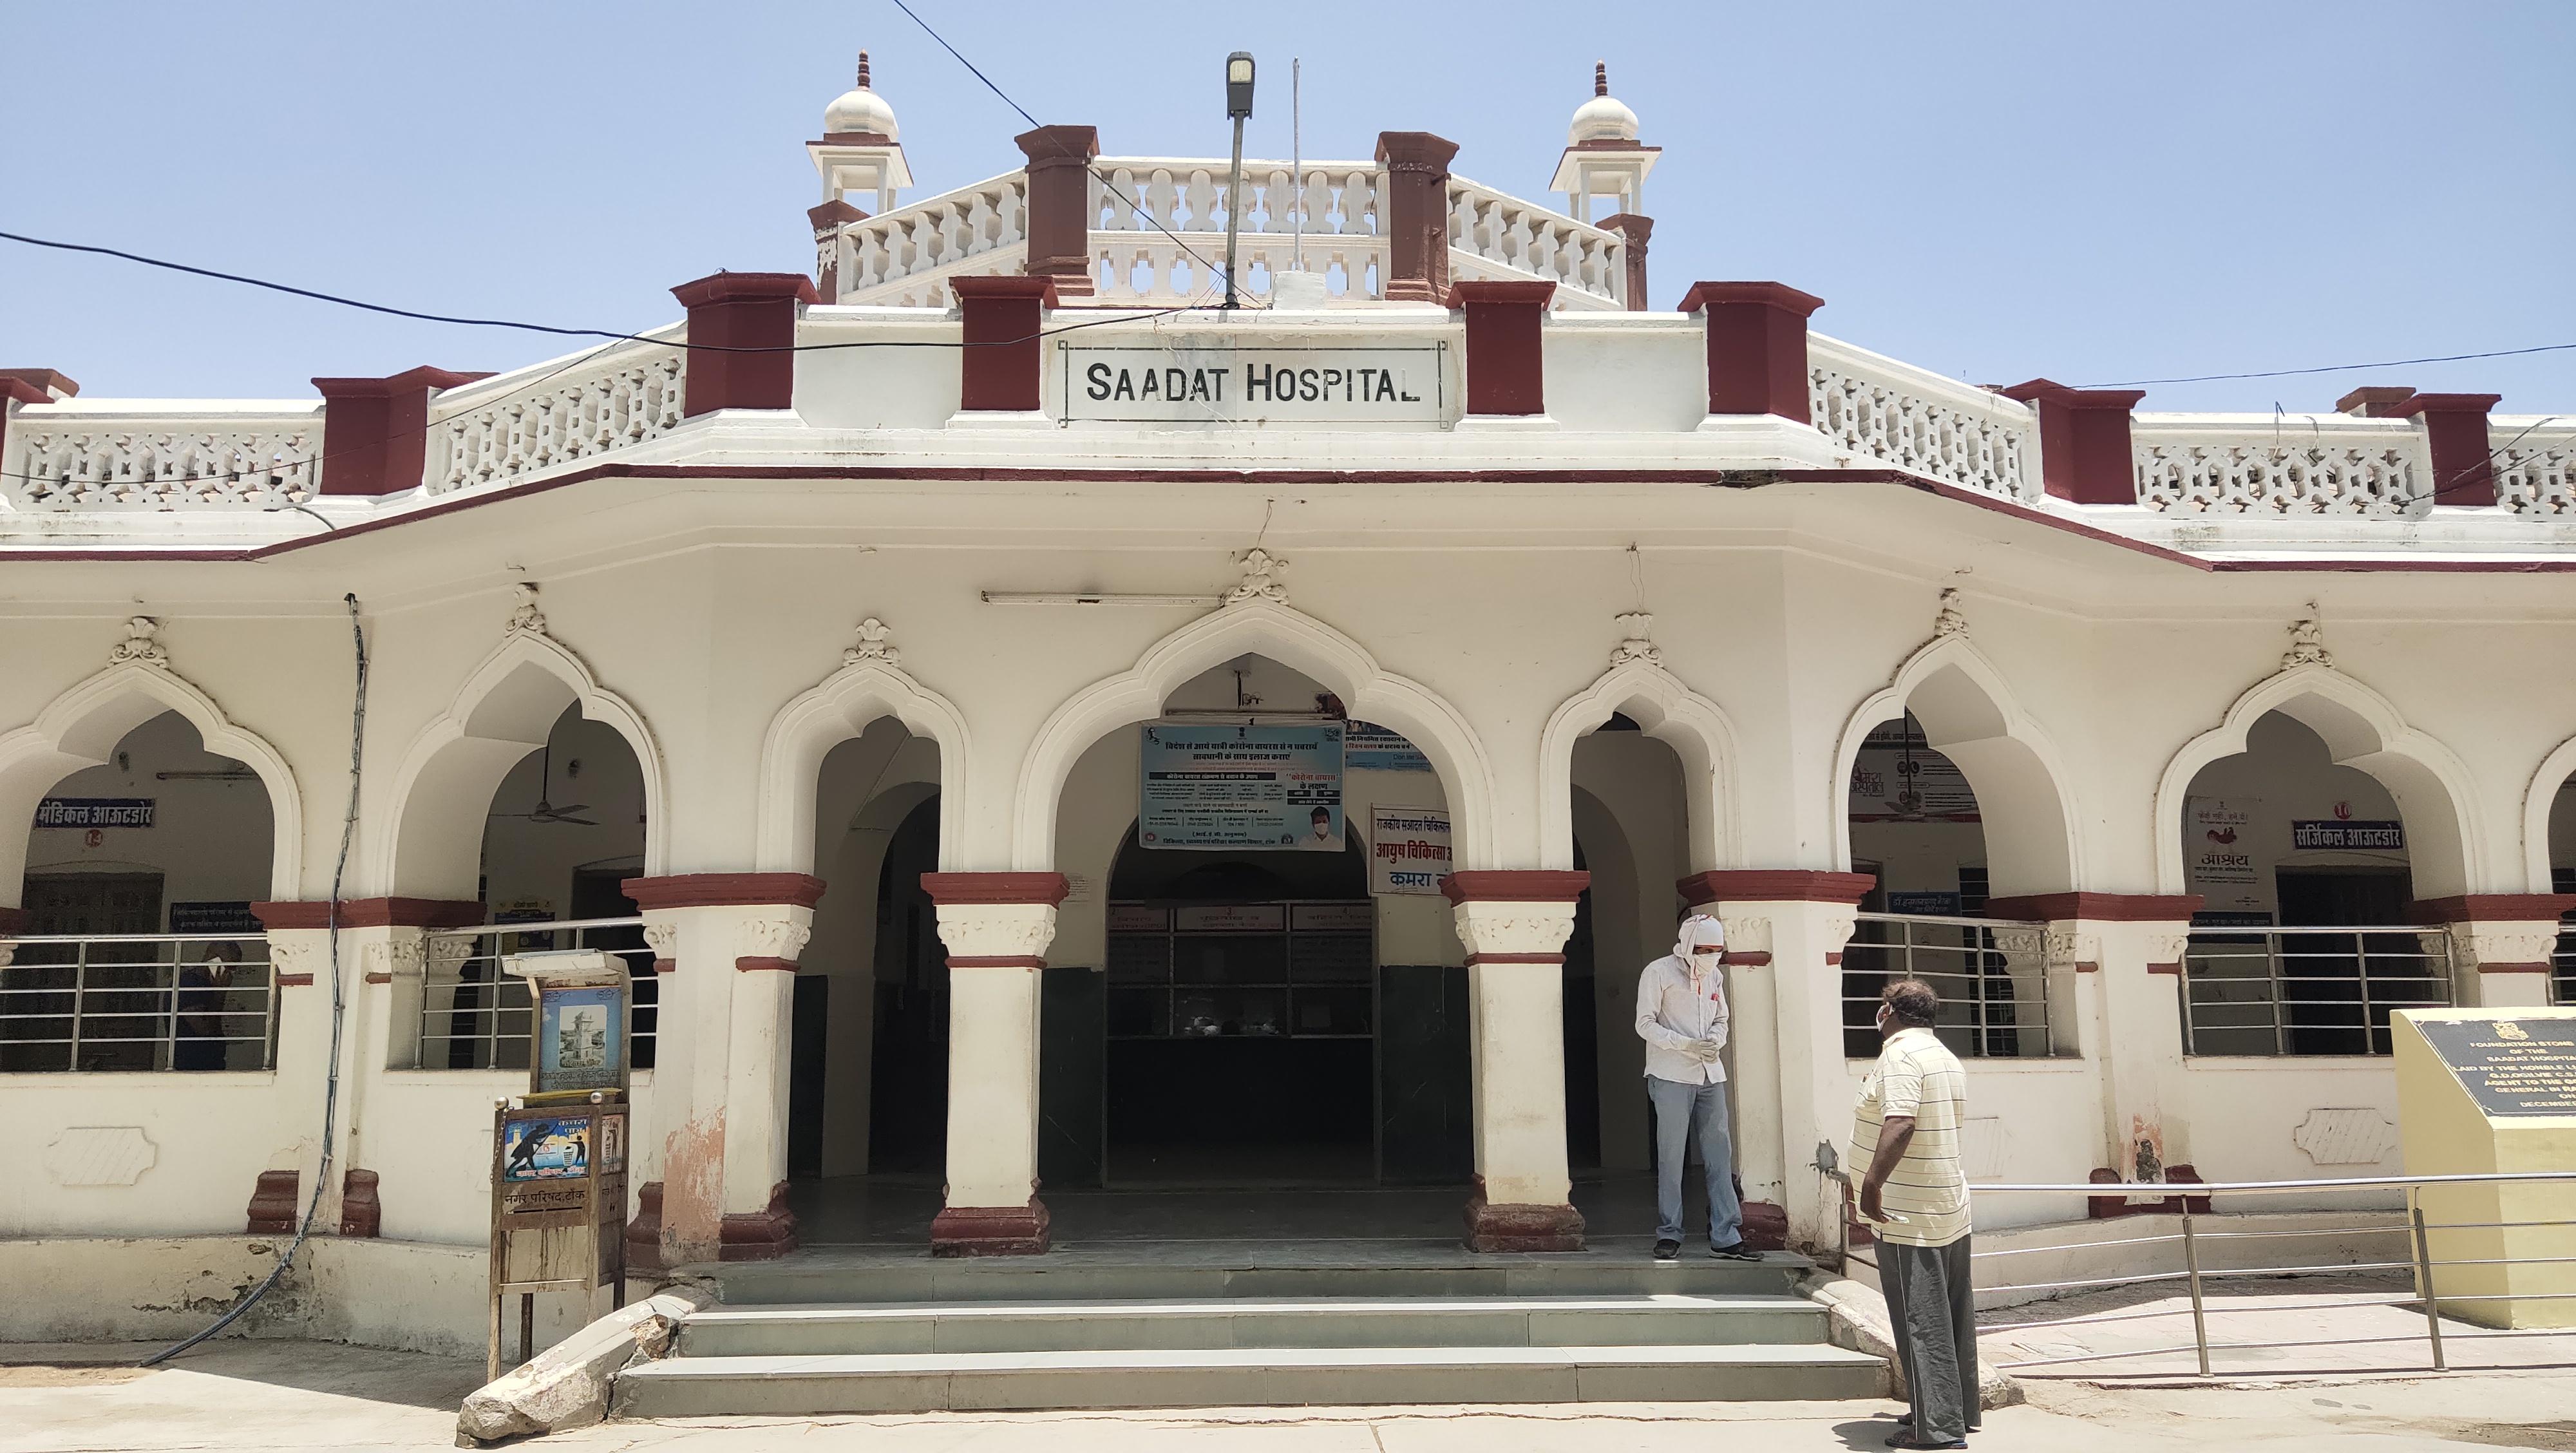 टोंक जिले में एक भी नहीं आया पॉजिटिव, 8 मरीज रिकवर हुए; कोरोना वार्ड में मात्र एक मरीज भर्ती टोंक,Tonk - Dainik Bhaskar